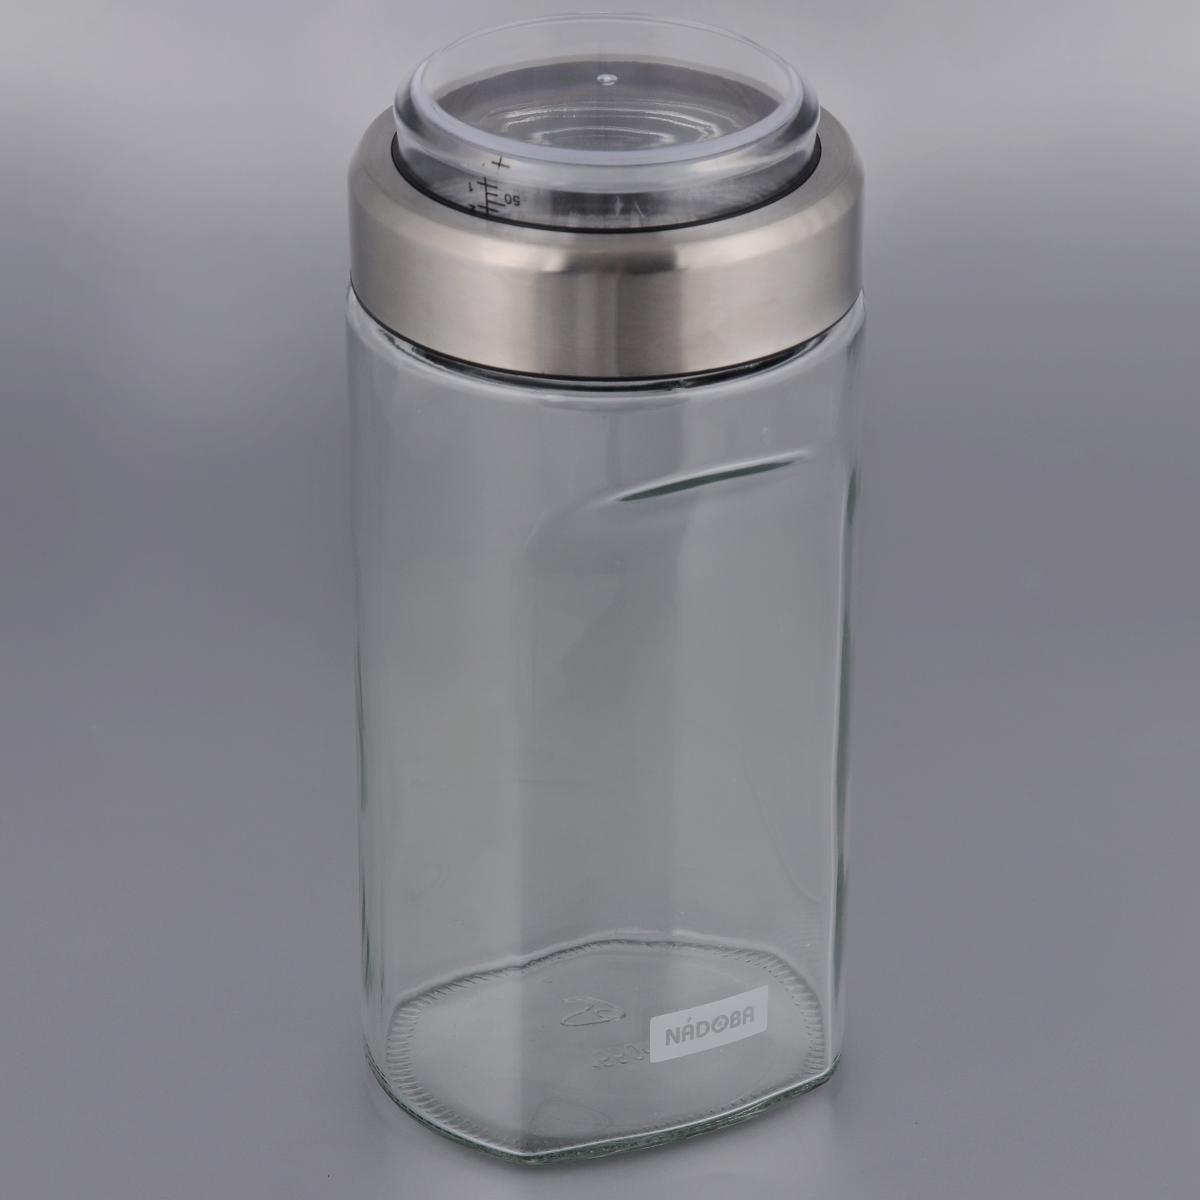 Емкость для сыпучих продуктов Nadoba Petra, с мерным стаканом, 1,55 л741011Емкость Nadoba Petra, изготовленная из высокопрочного стекла, оснащена мерным стаканом, который встроен в крышку. Благодаря эргономичному дизайну изделие удобно брать одной рукой. Стенки емкости прозрачные - хорошо видно, что внутри. Изделие идеально подходит для хранения различных сыпучих продуктов: круп, макарон, специй, кофе, сахара, орехов, кондитерских изделий и многого другого. Диаметр емкости (по верхнему краю): 10 см. Высота (без учета крышки): 22 см.